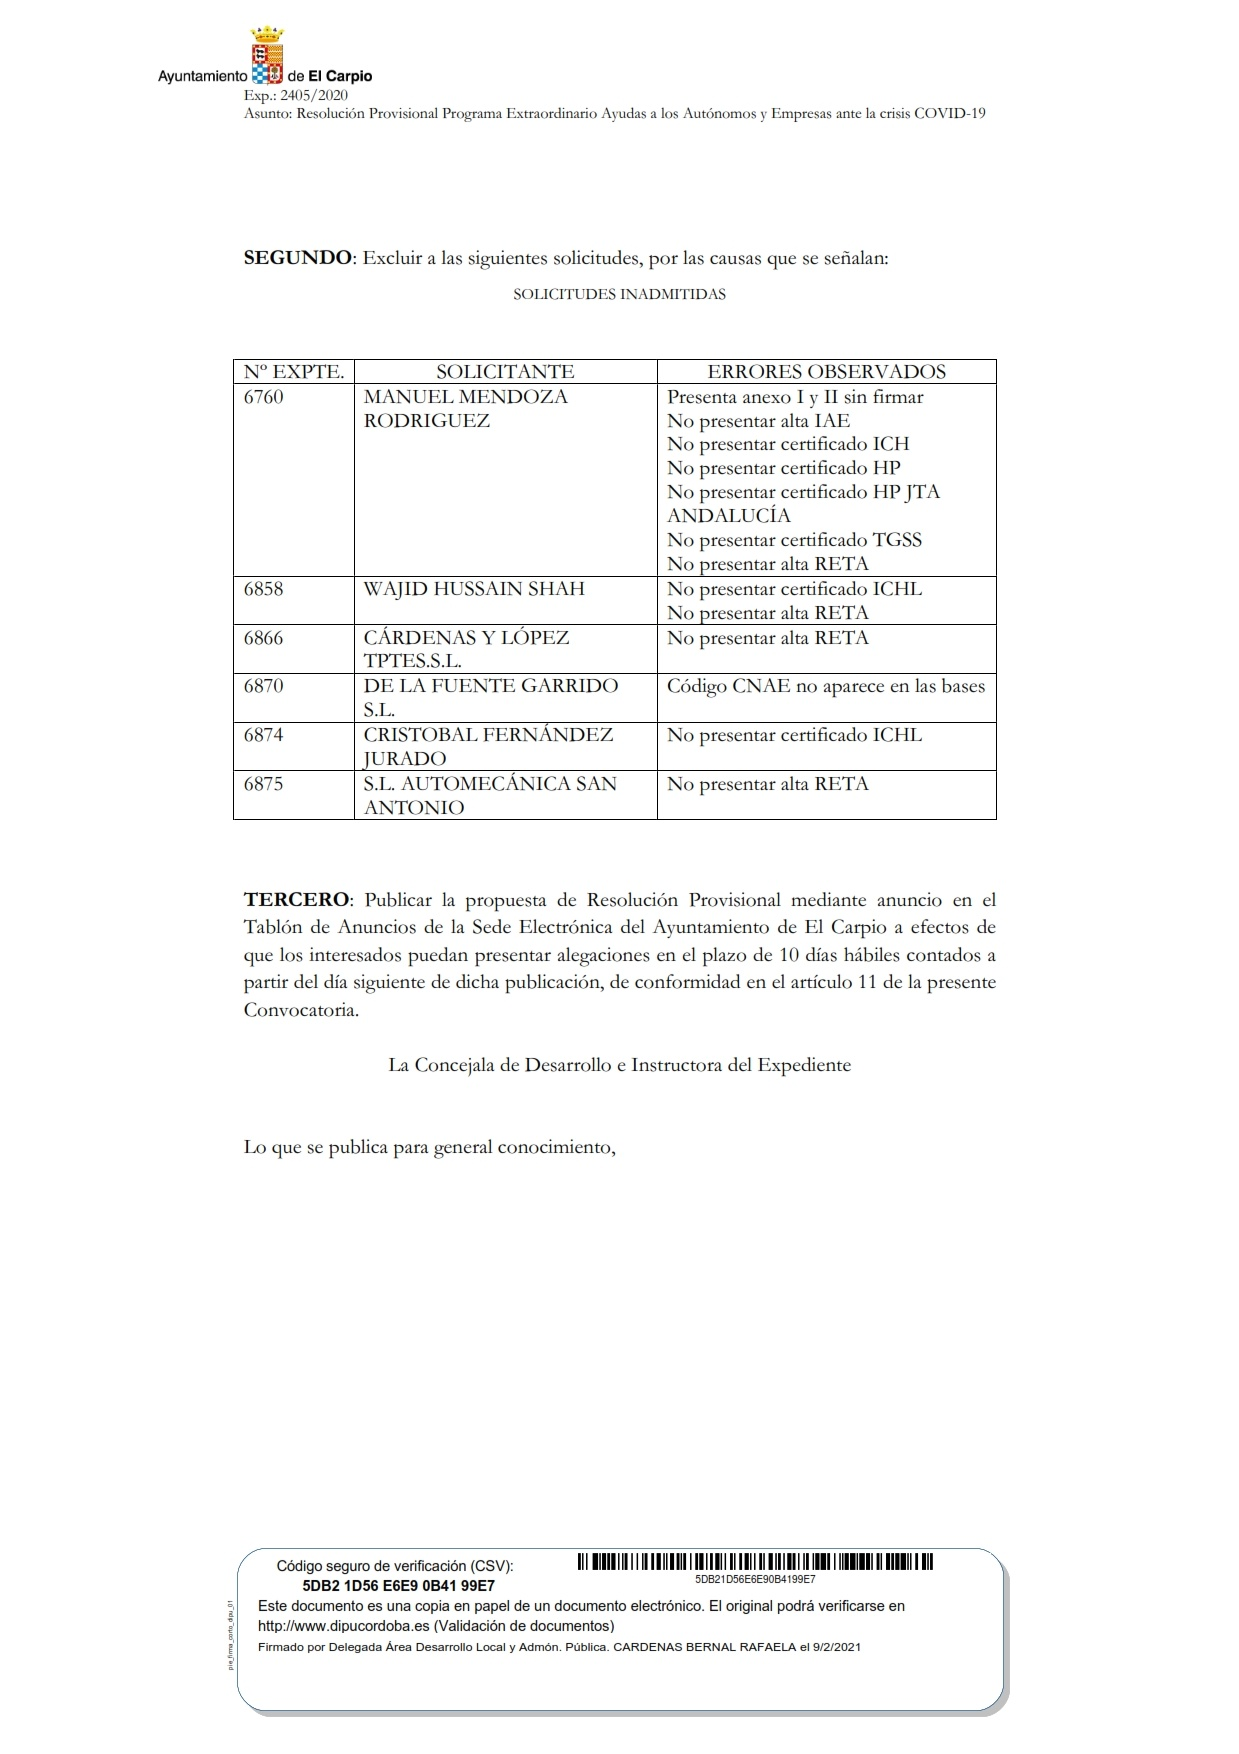 Convocatoria de Concesión de Ayudas para Autónomos y Micropymes para Reactivación de la Economía